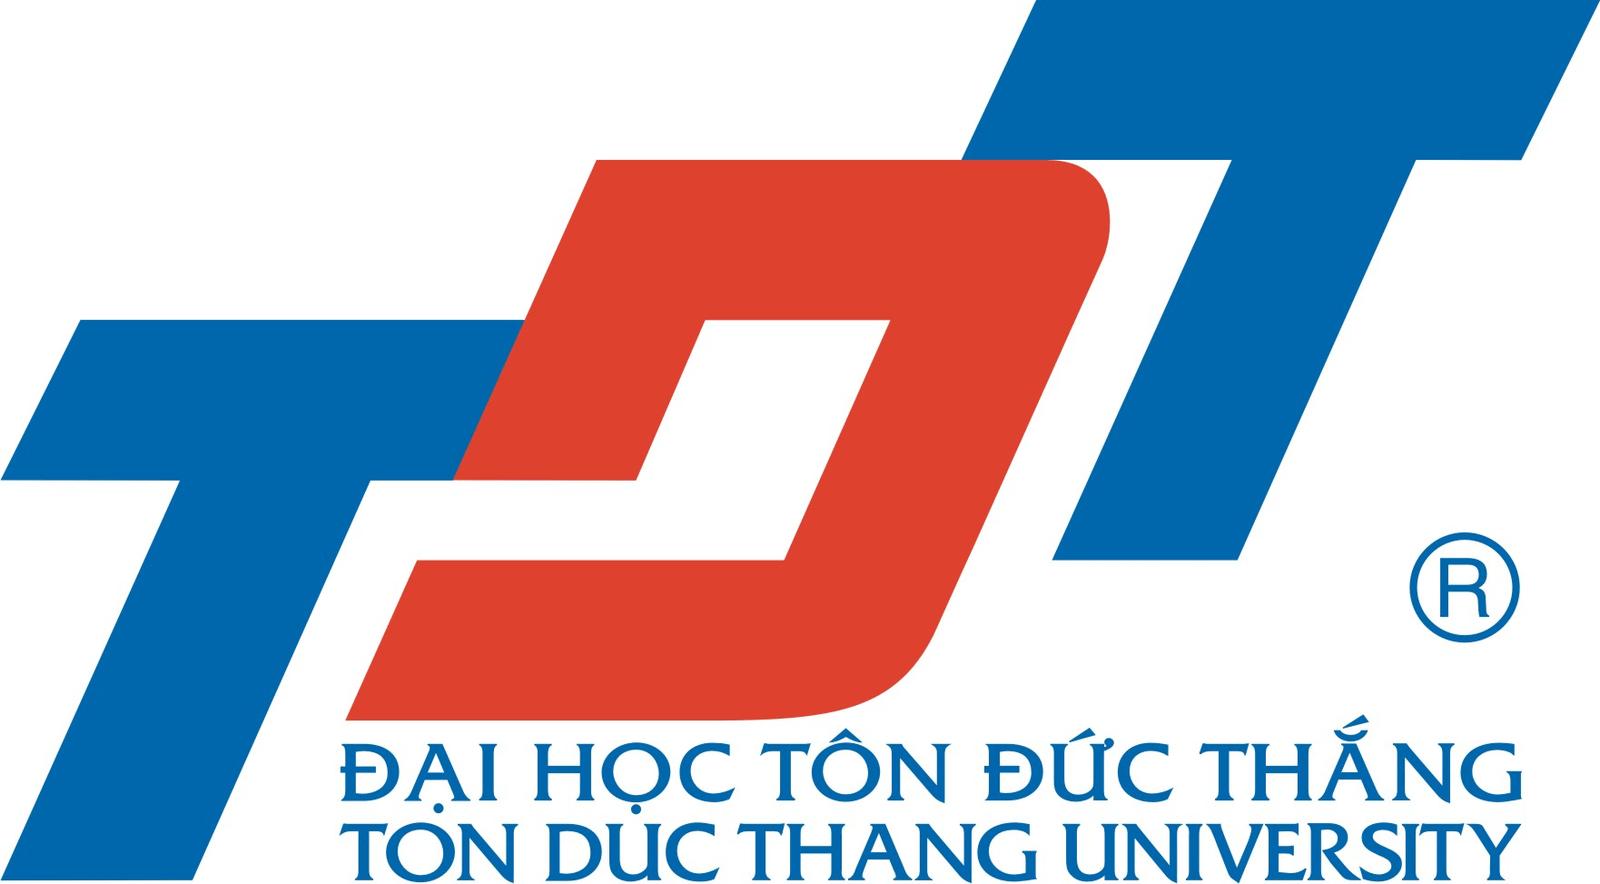 Logo của Trường đại học Tôn Đức Thắng